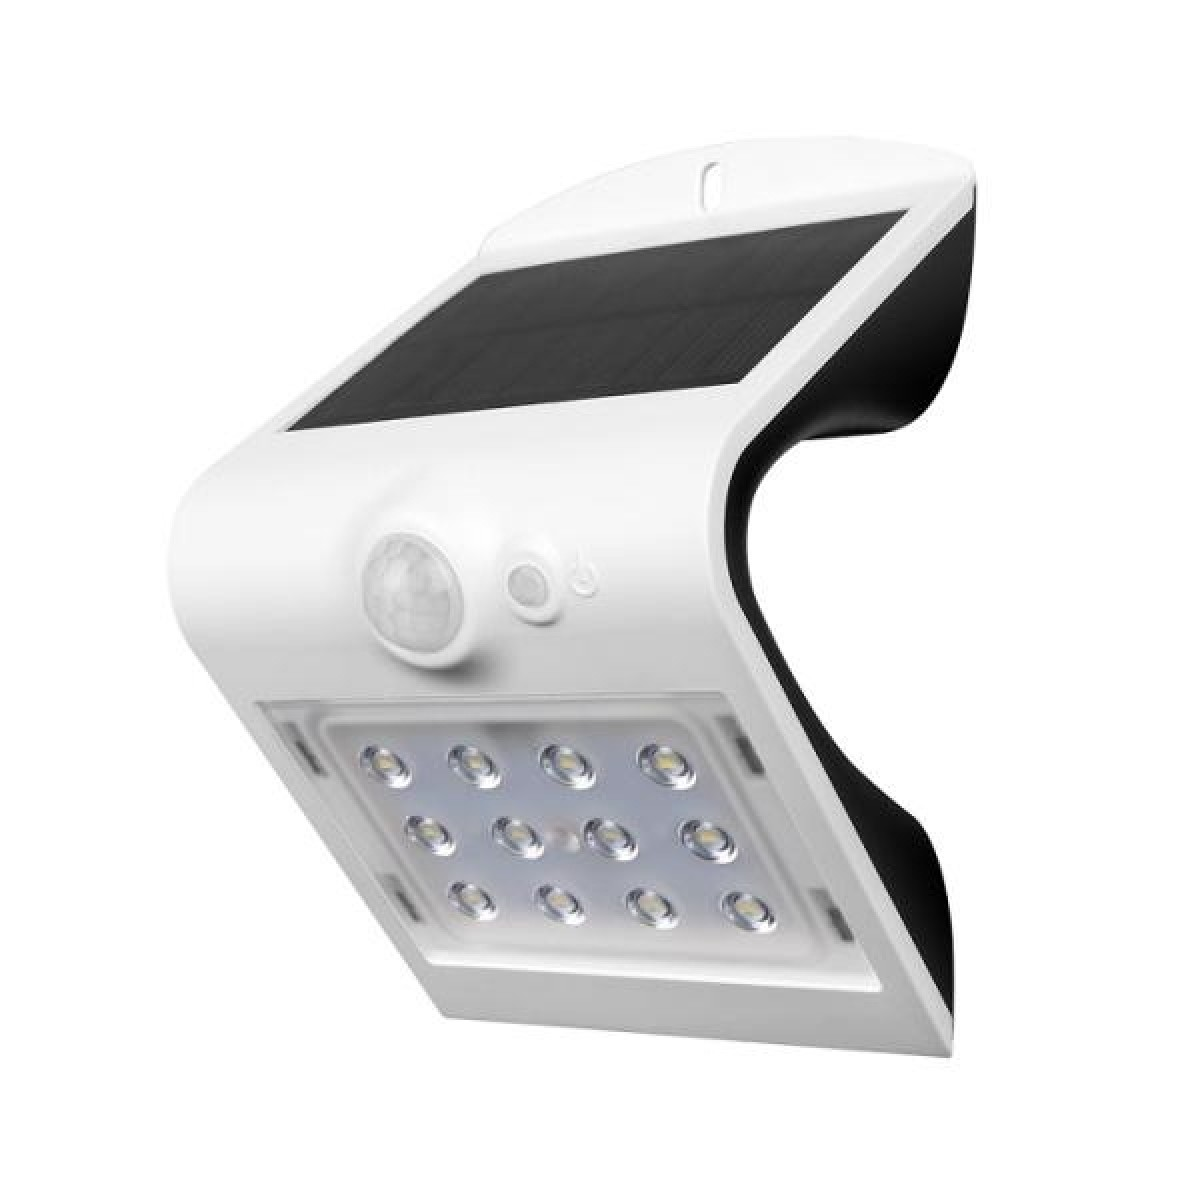 Luce Per Esterno Con Pannello Solare.V Tac Vt 767 Faretto Led Per Esterno Bianco 1 5w Con